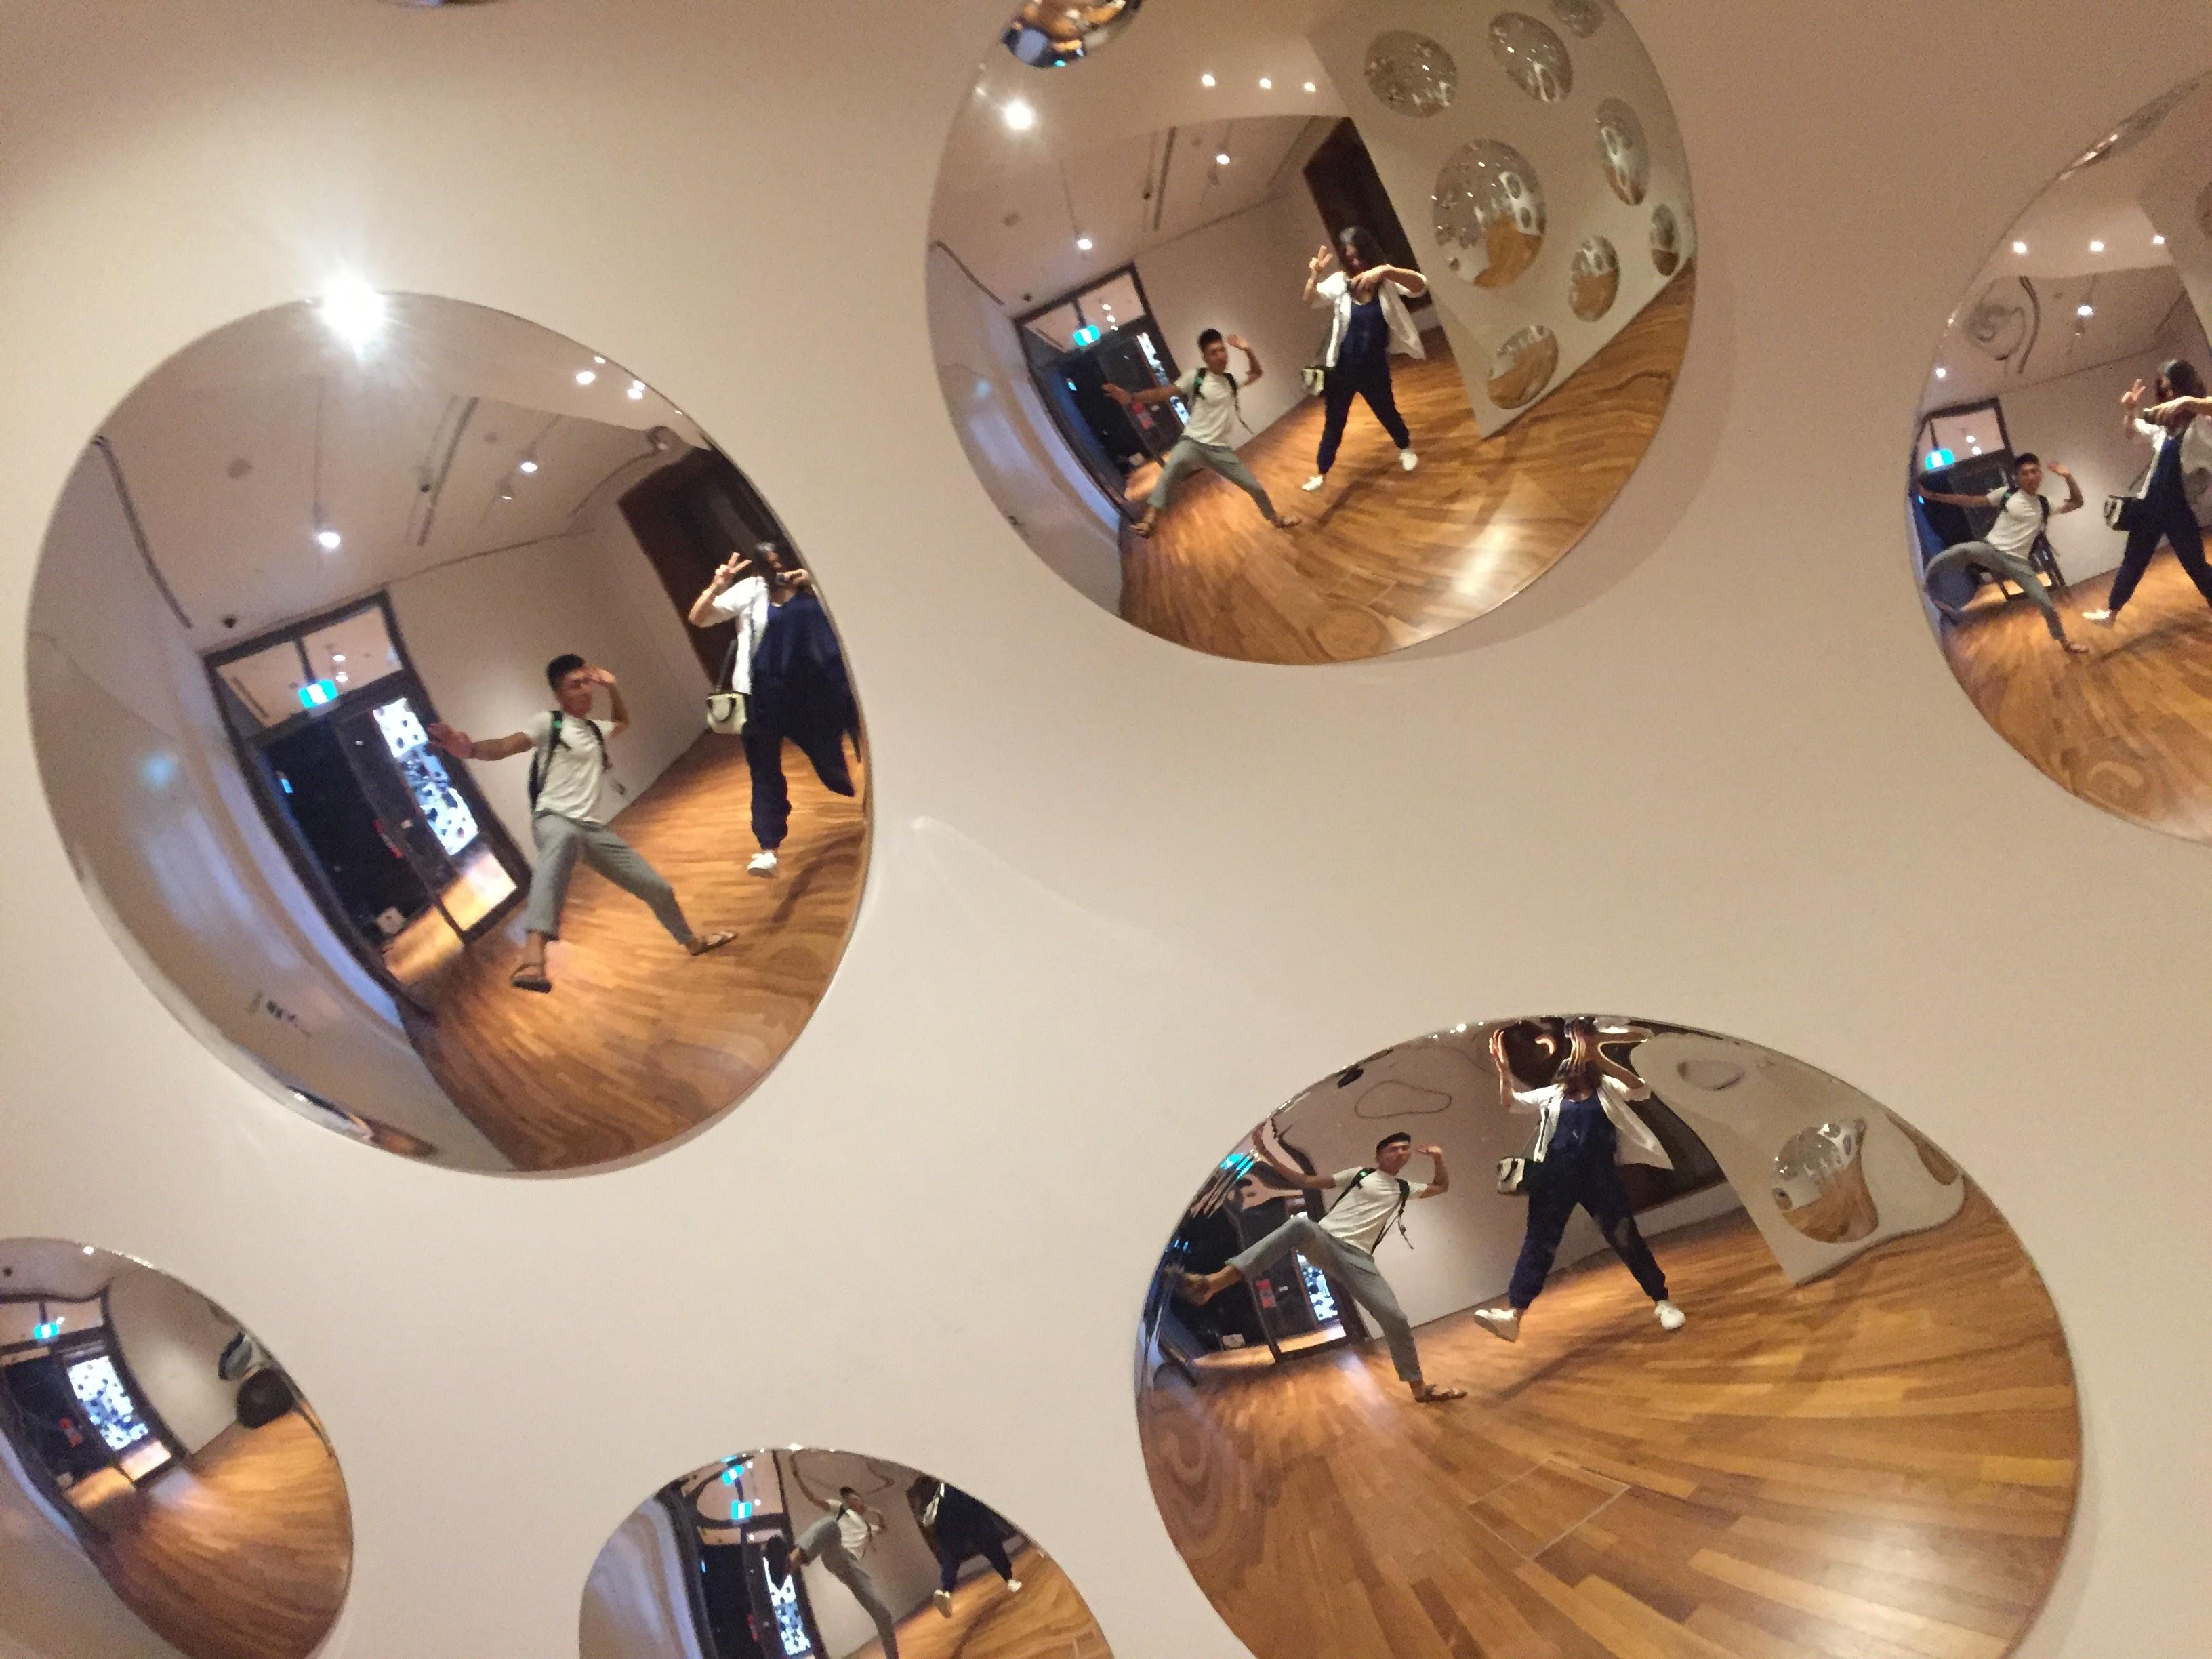 必拍景點五 : 密集鏡面區。